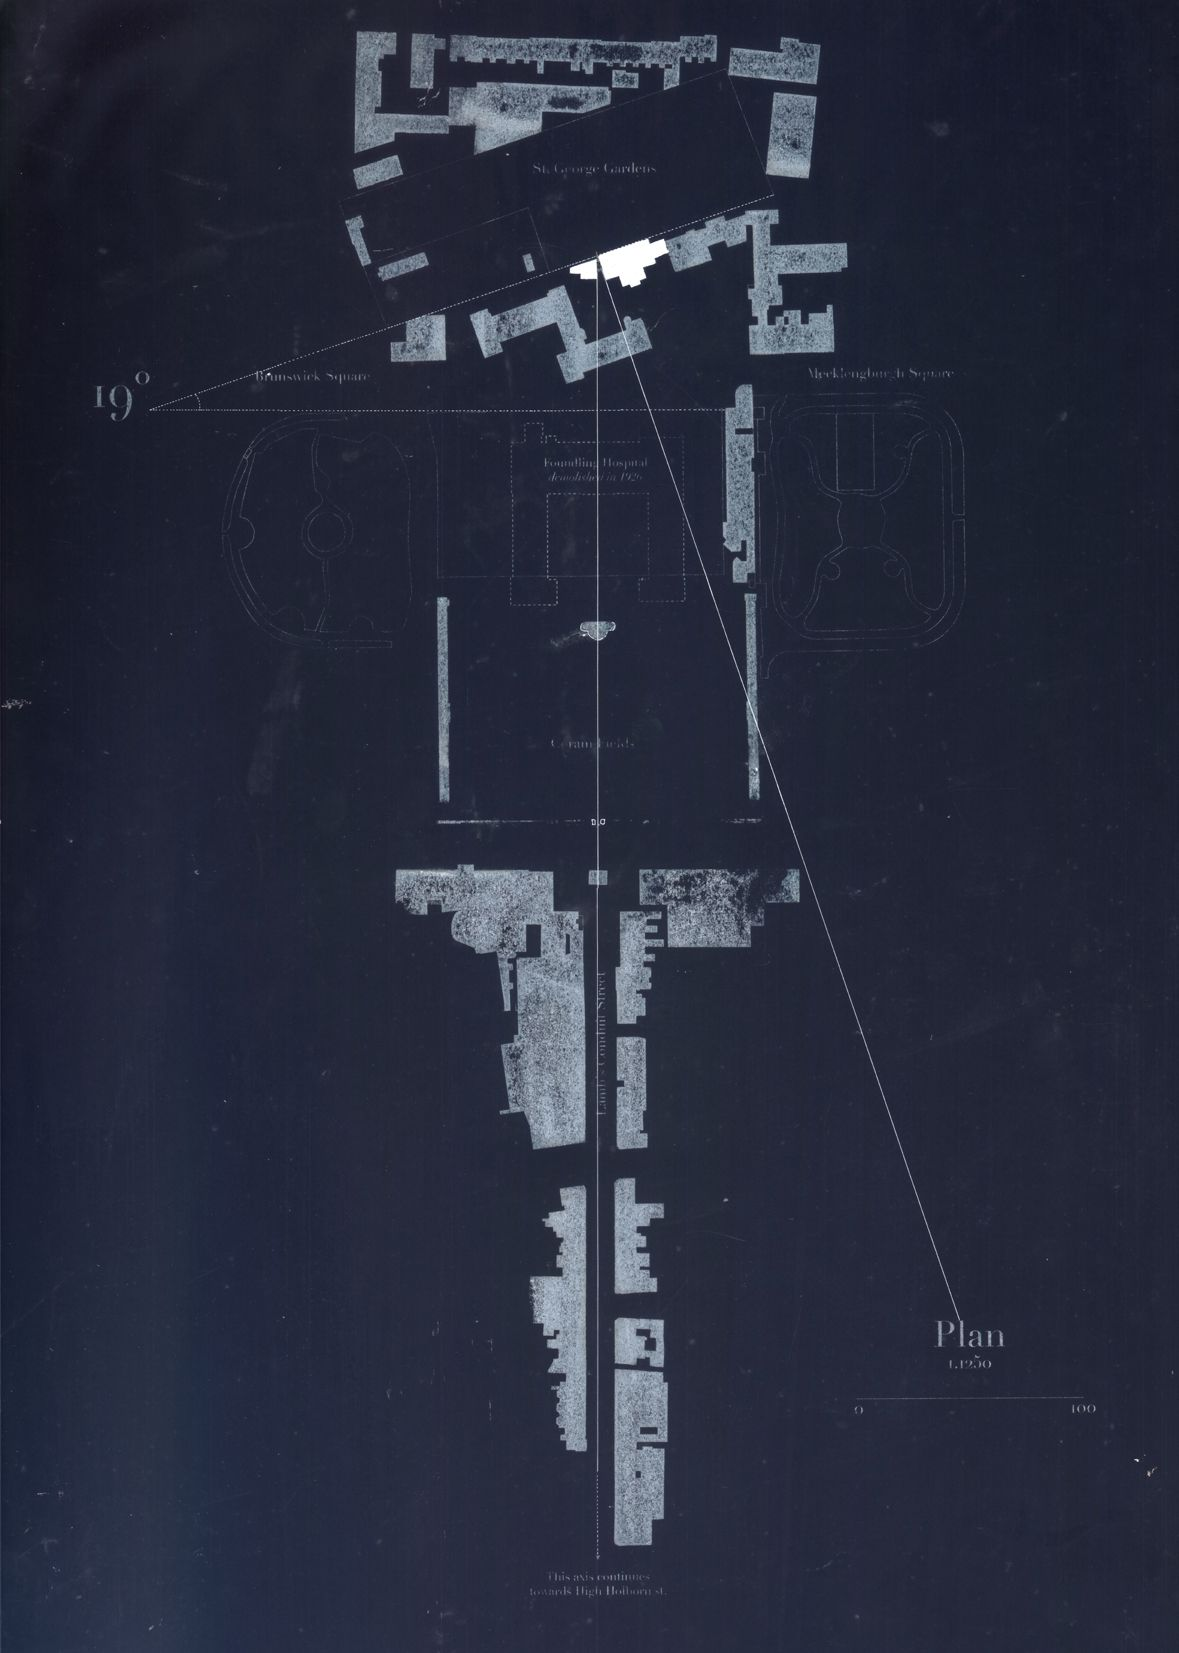 Anton.Gorlenko-Plan1.250.jpg 1179×1653 pixels